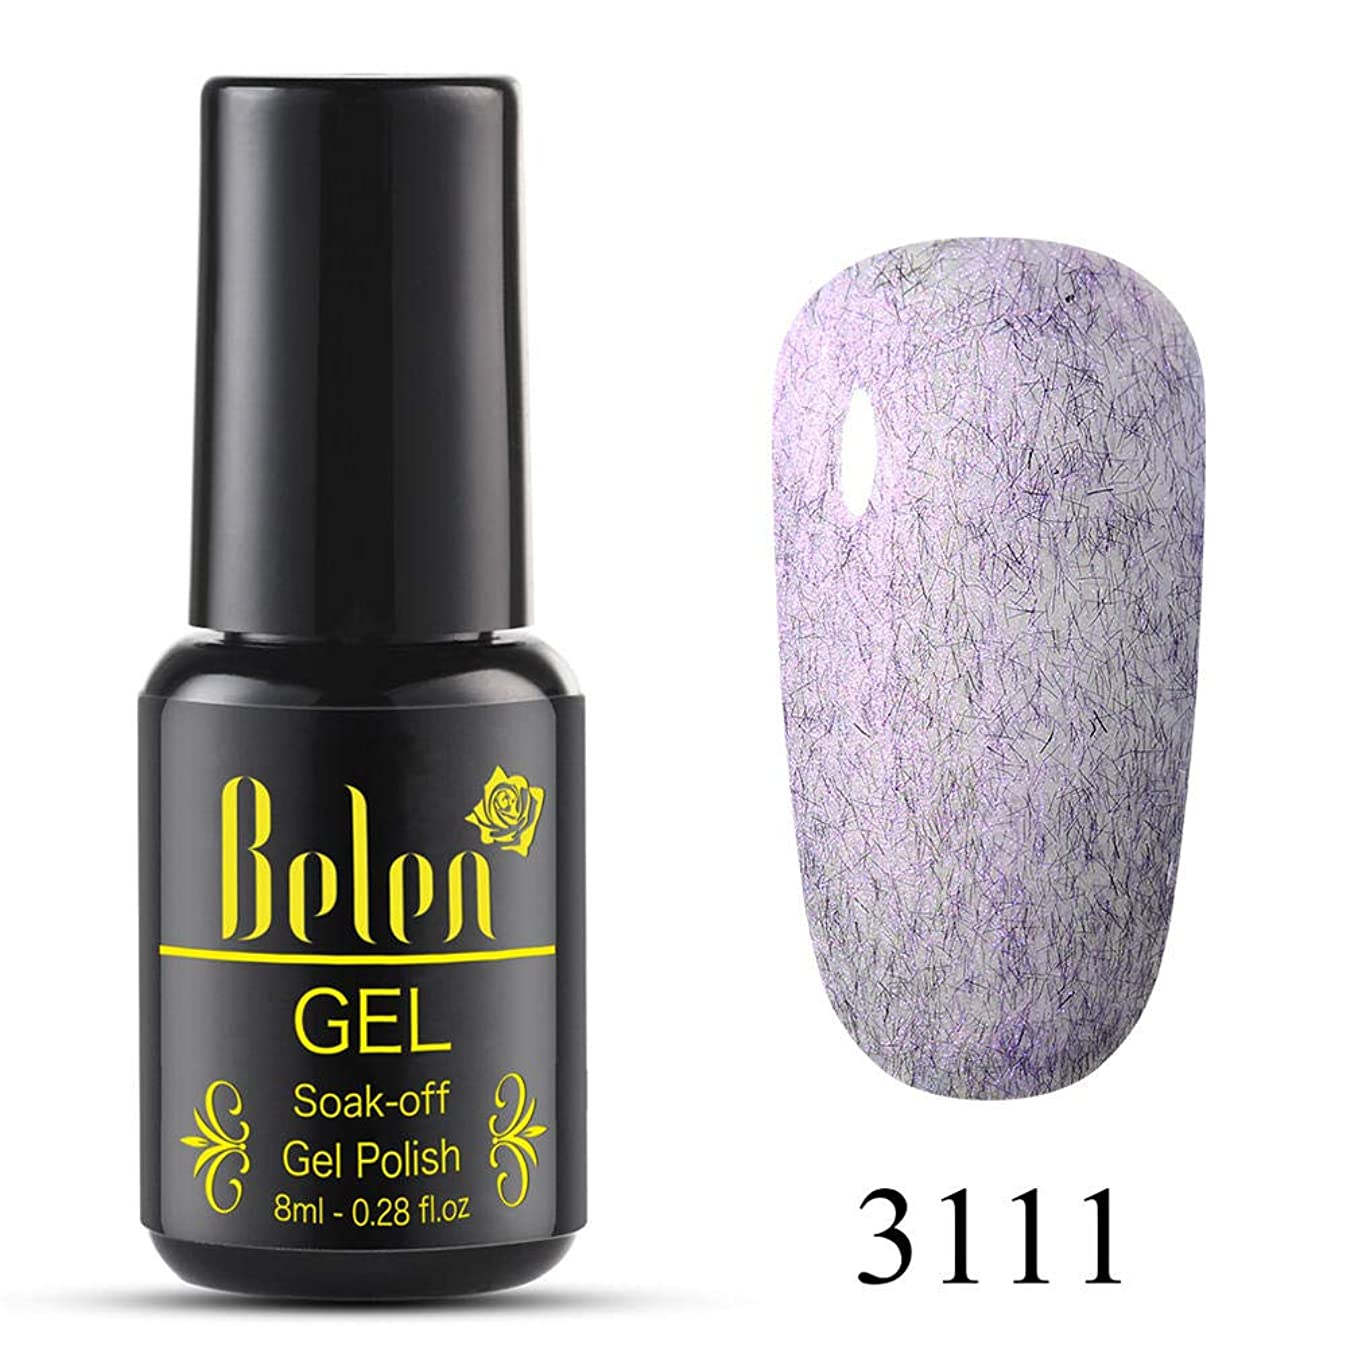 昆虫口述電話Belen ジェルネイル カラージェル 貝殻毛皮系 1色入り 8ml【全12色選択可】